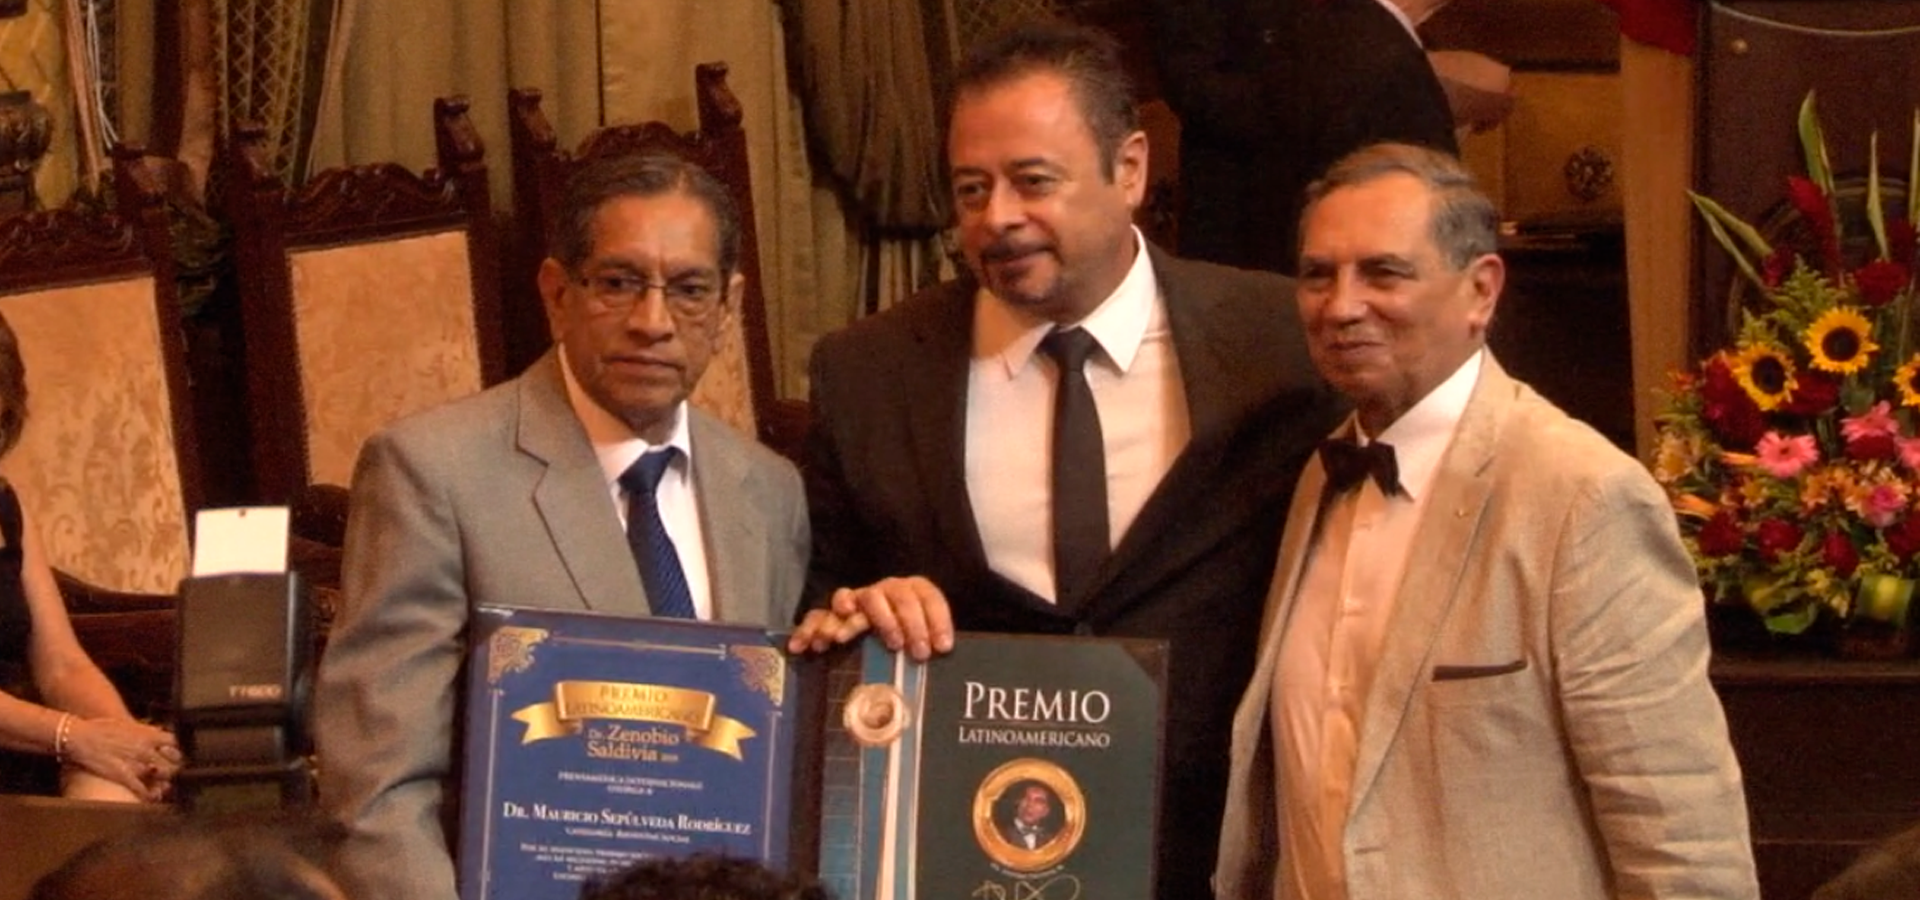 Dr. Mauricio Sepulveda es Premiado